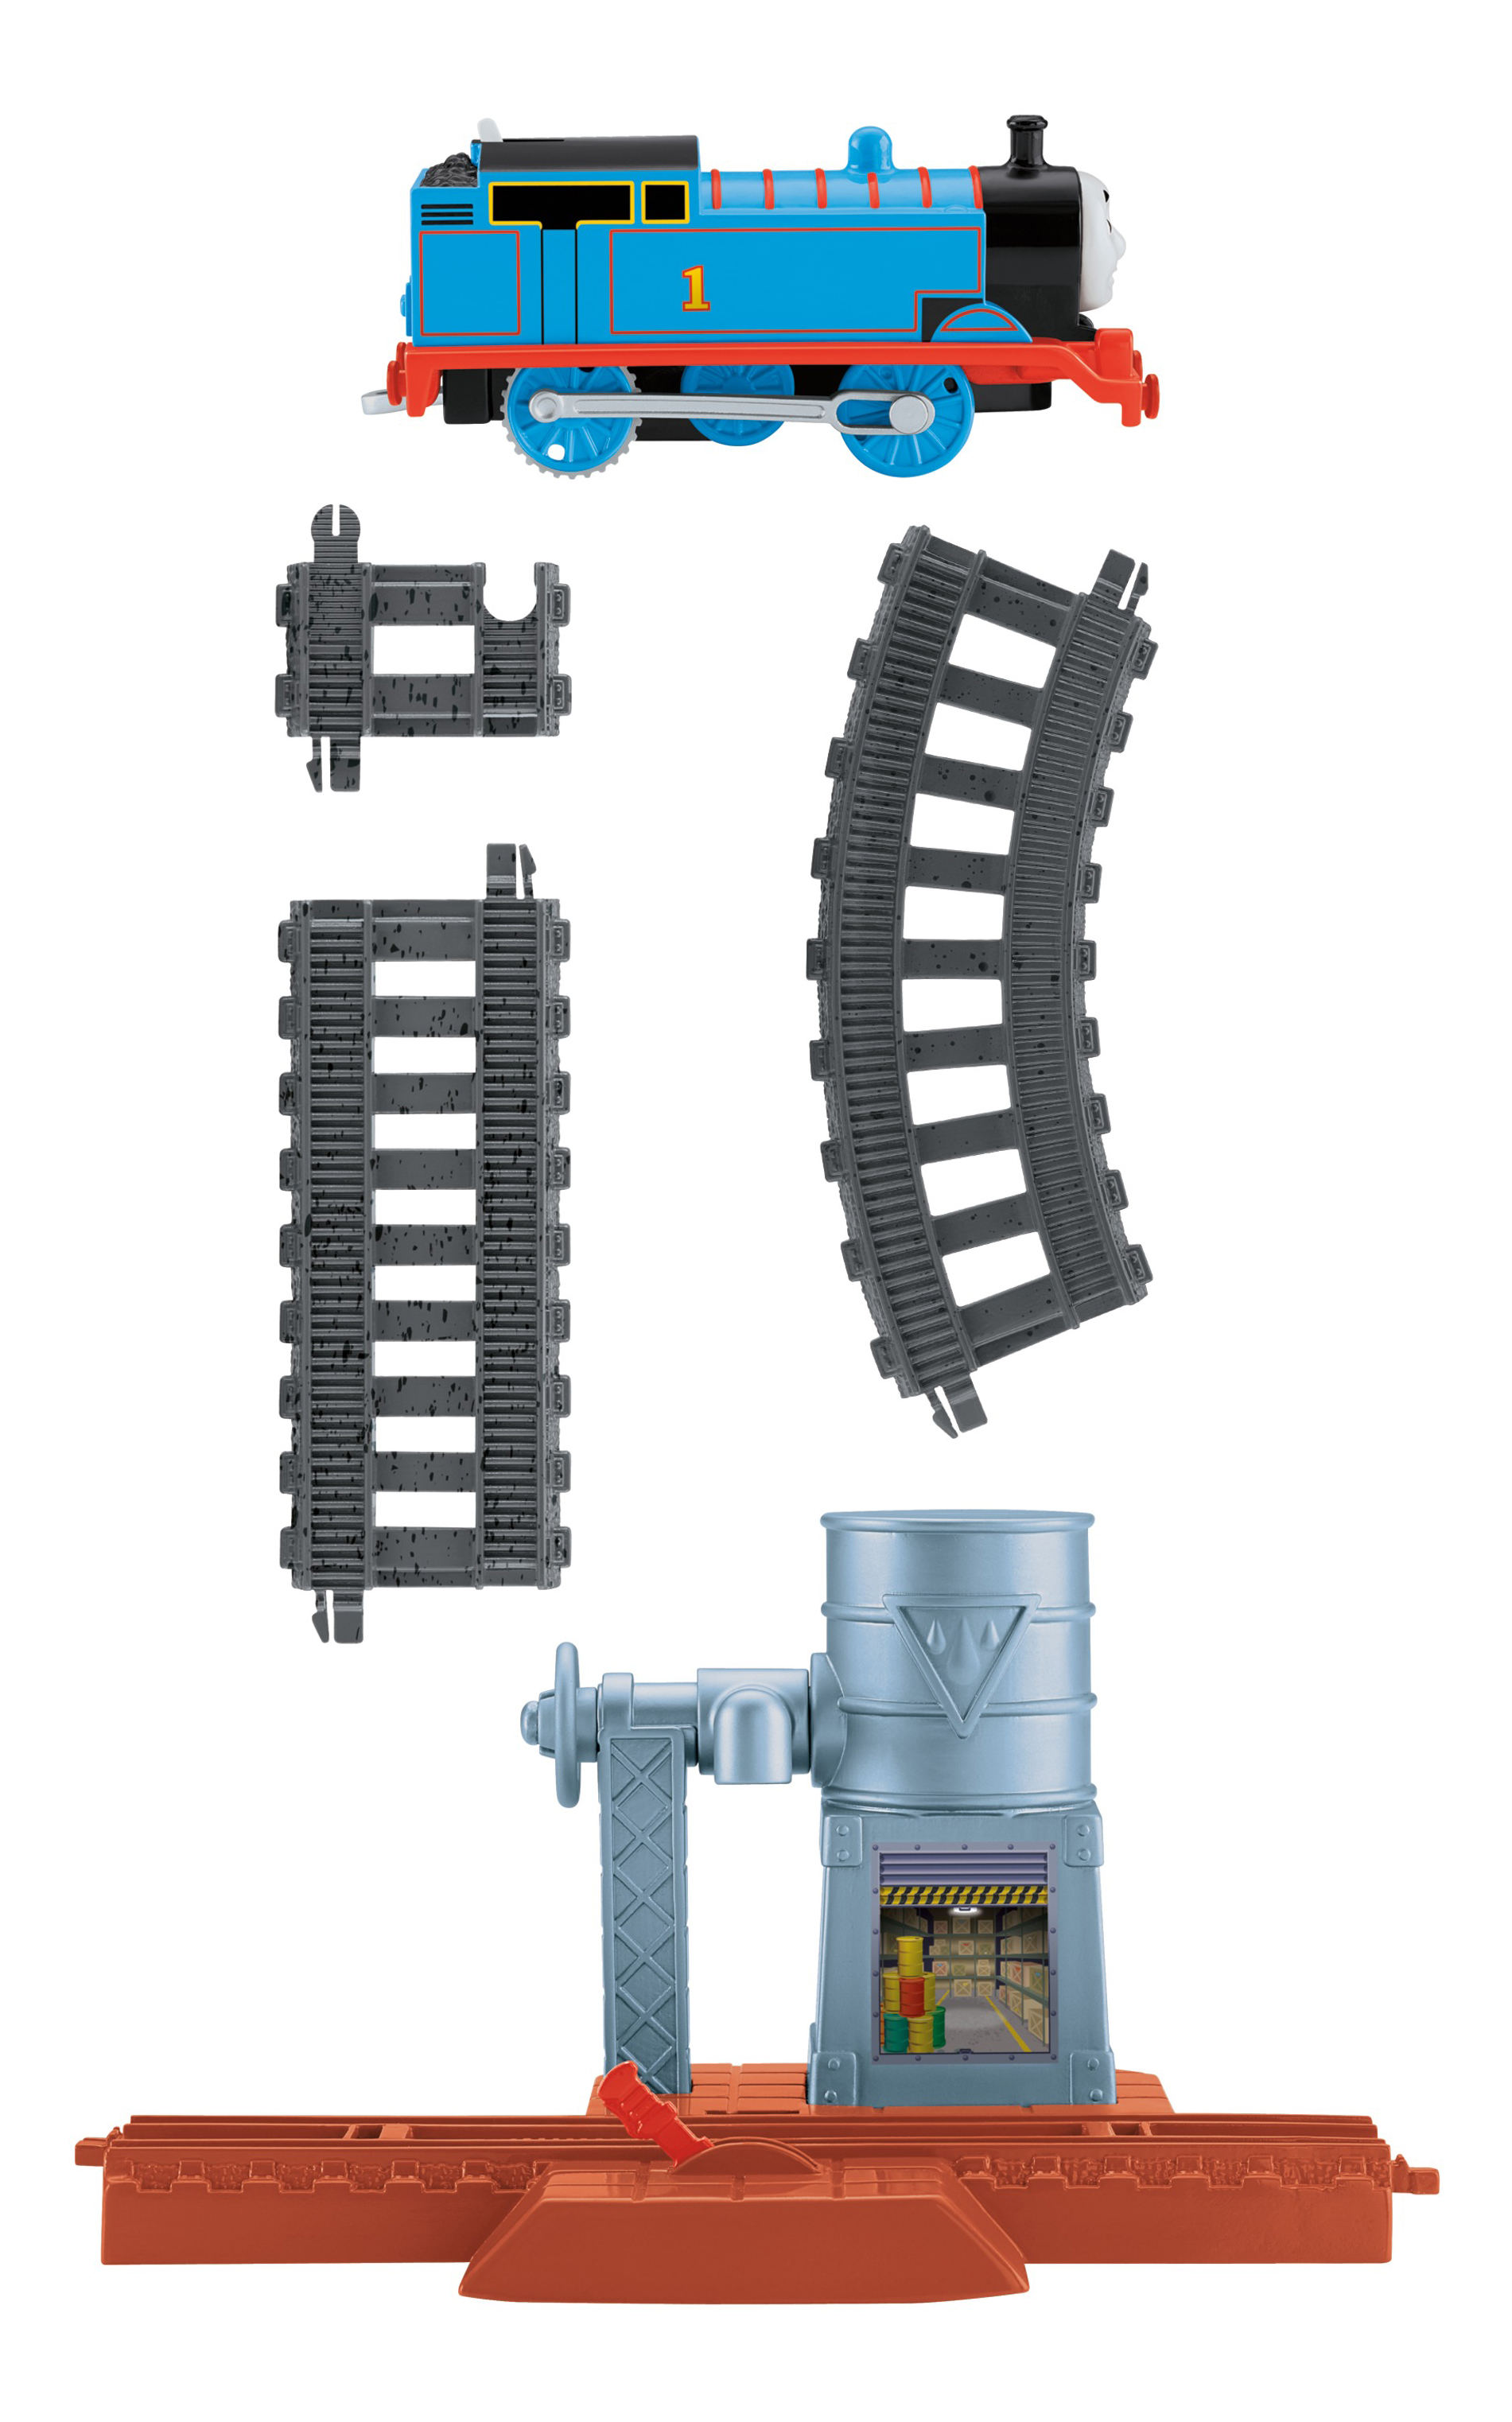 Купить Игровой набор Fisher-Price® Thomas tm базовый игровой набор водонапорная башня BDP11, Игровые наборы